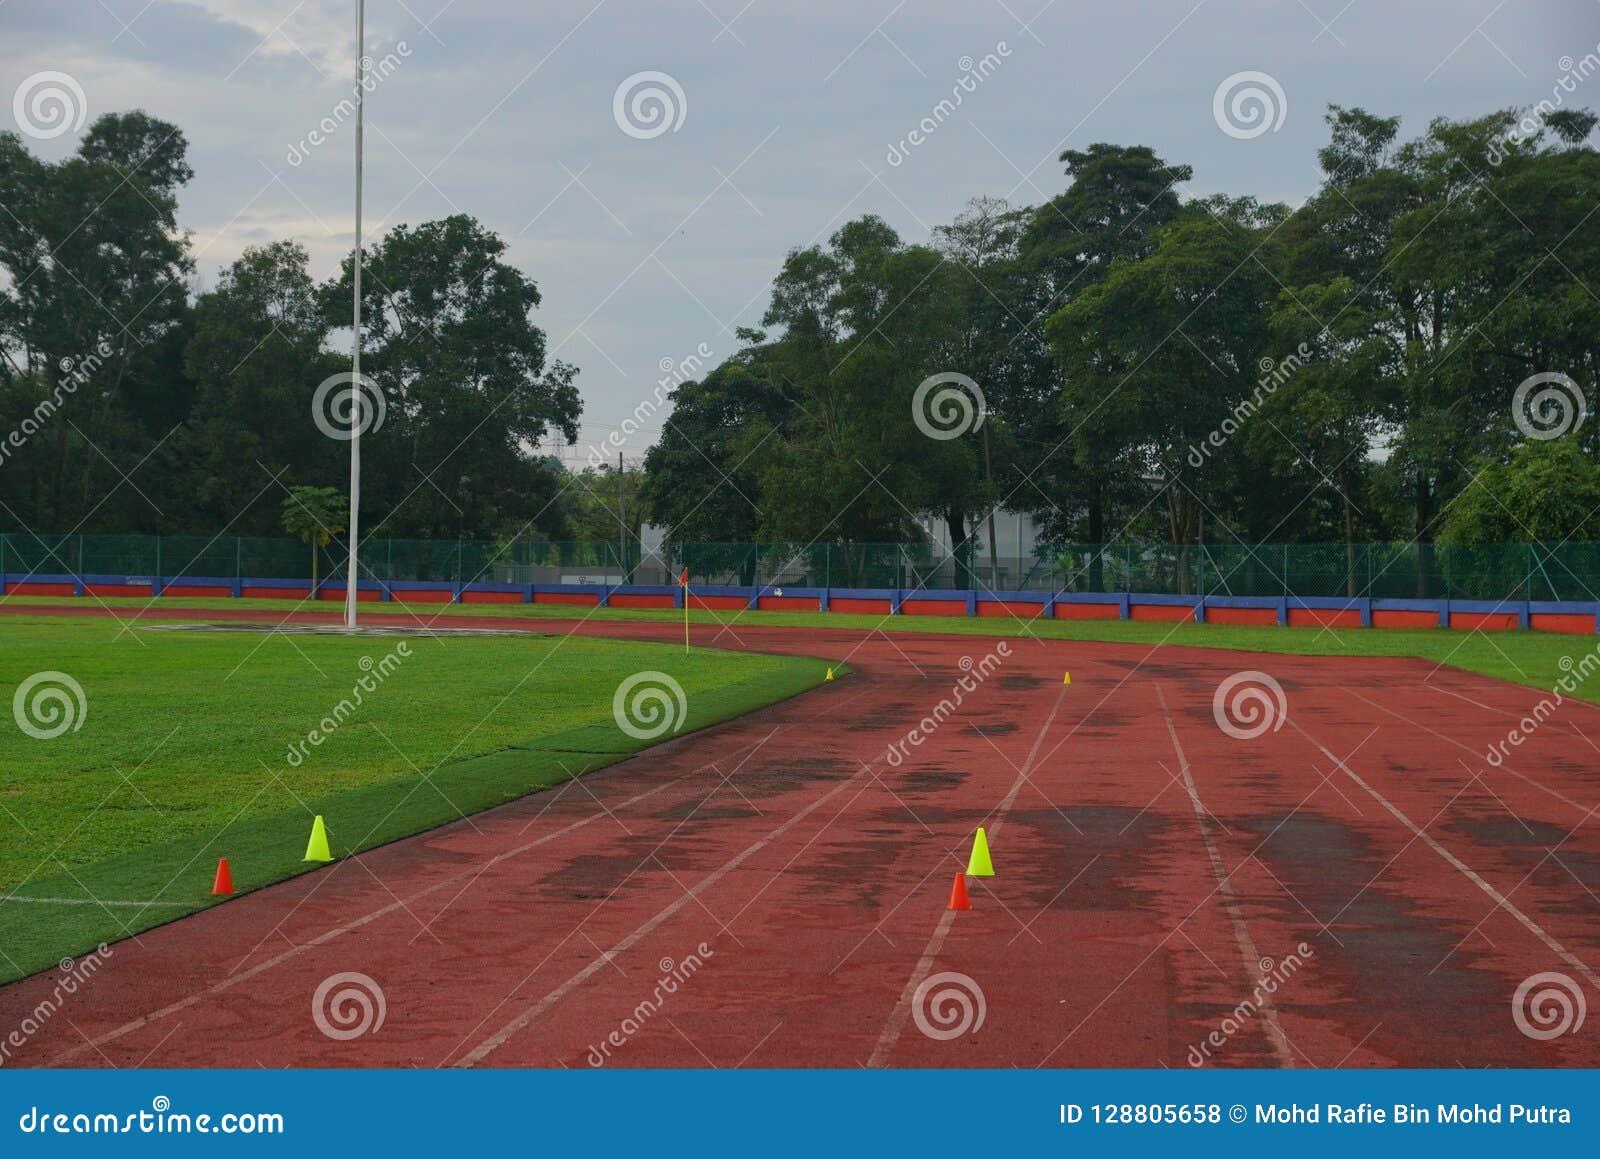 Trilha e campos com o cone 2 amarelo na trilha com grama artificial dentro de um estádio